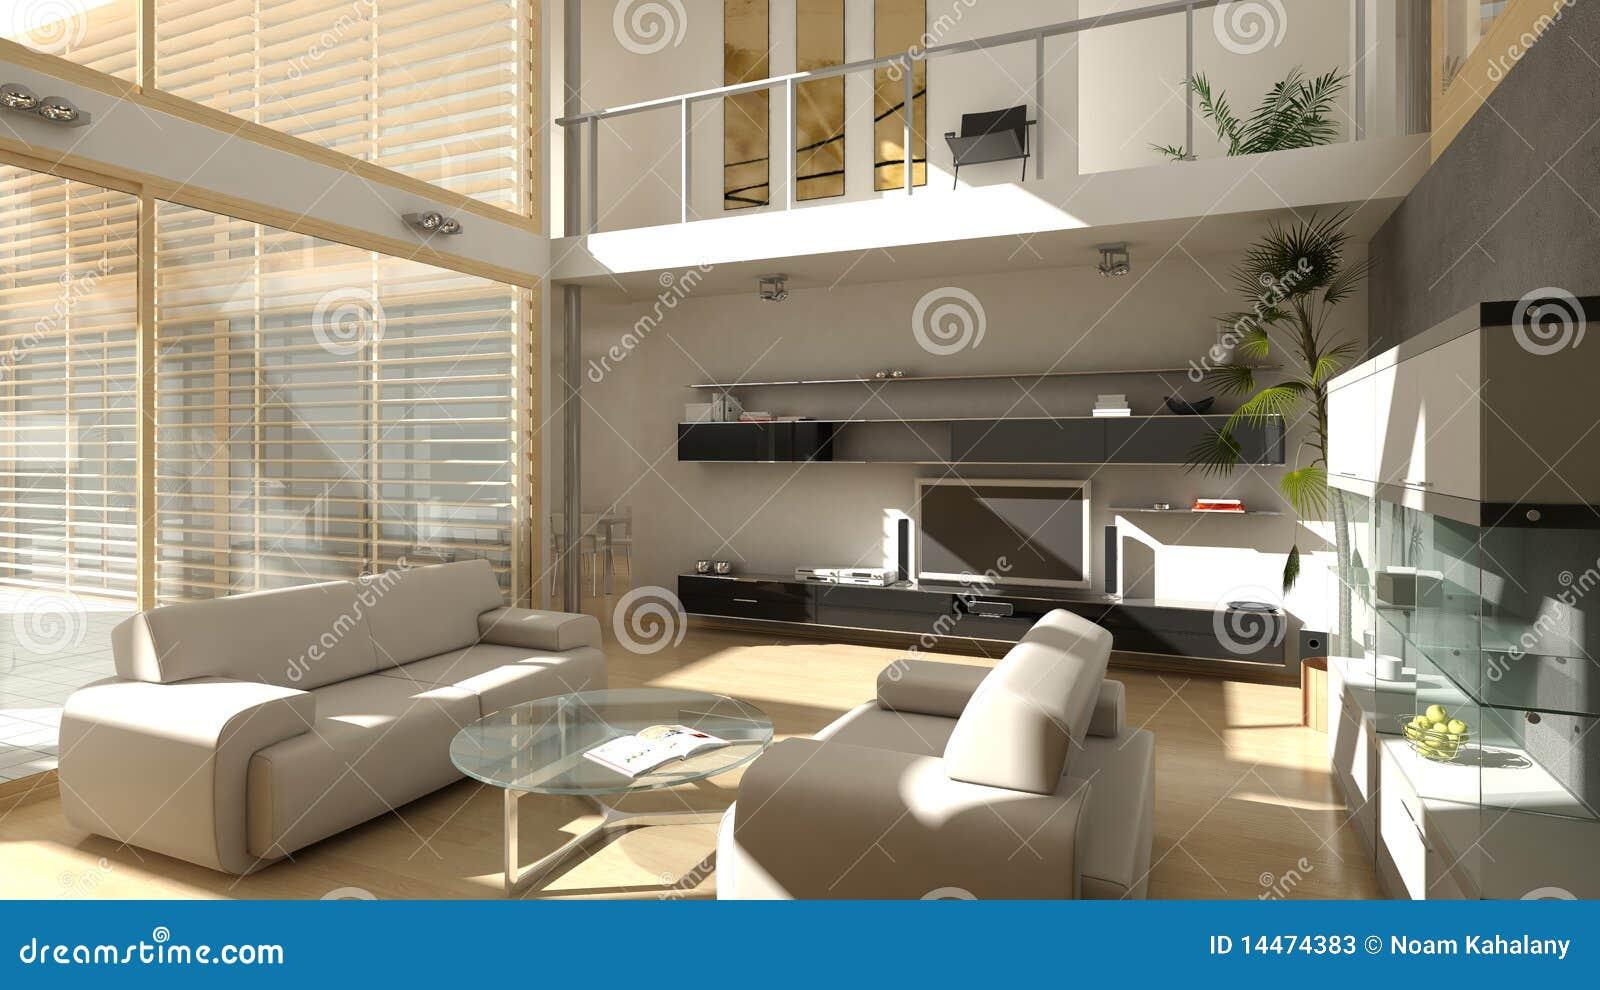 #82A328 Salle De Séjour Moderne Photos Stock Image: 14474383 3941 salle de sejour moderne 1300x821 px @ aertt.com